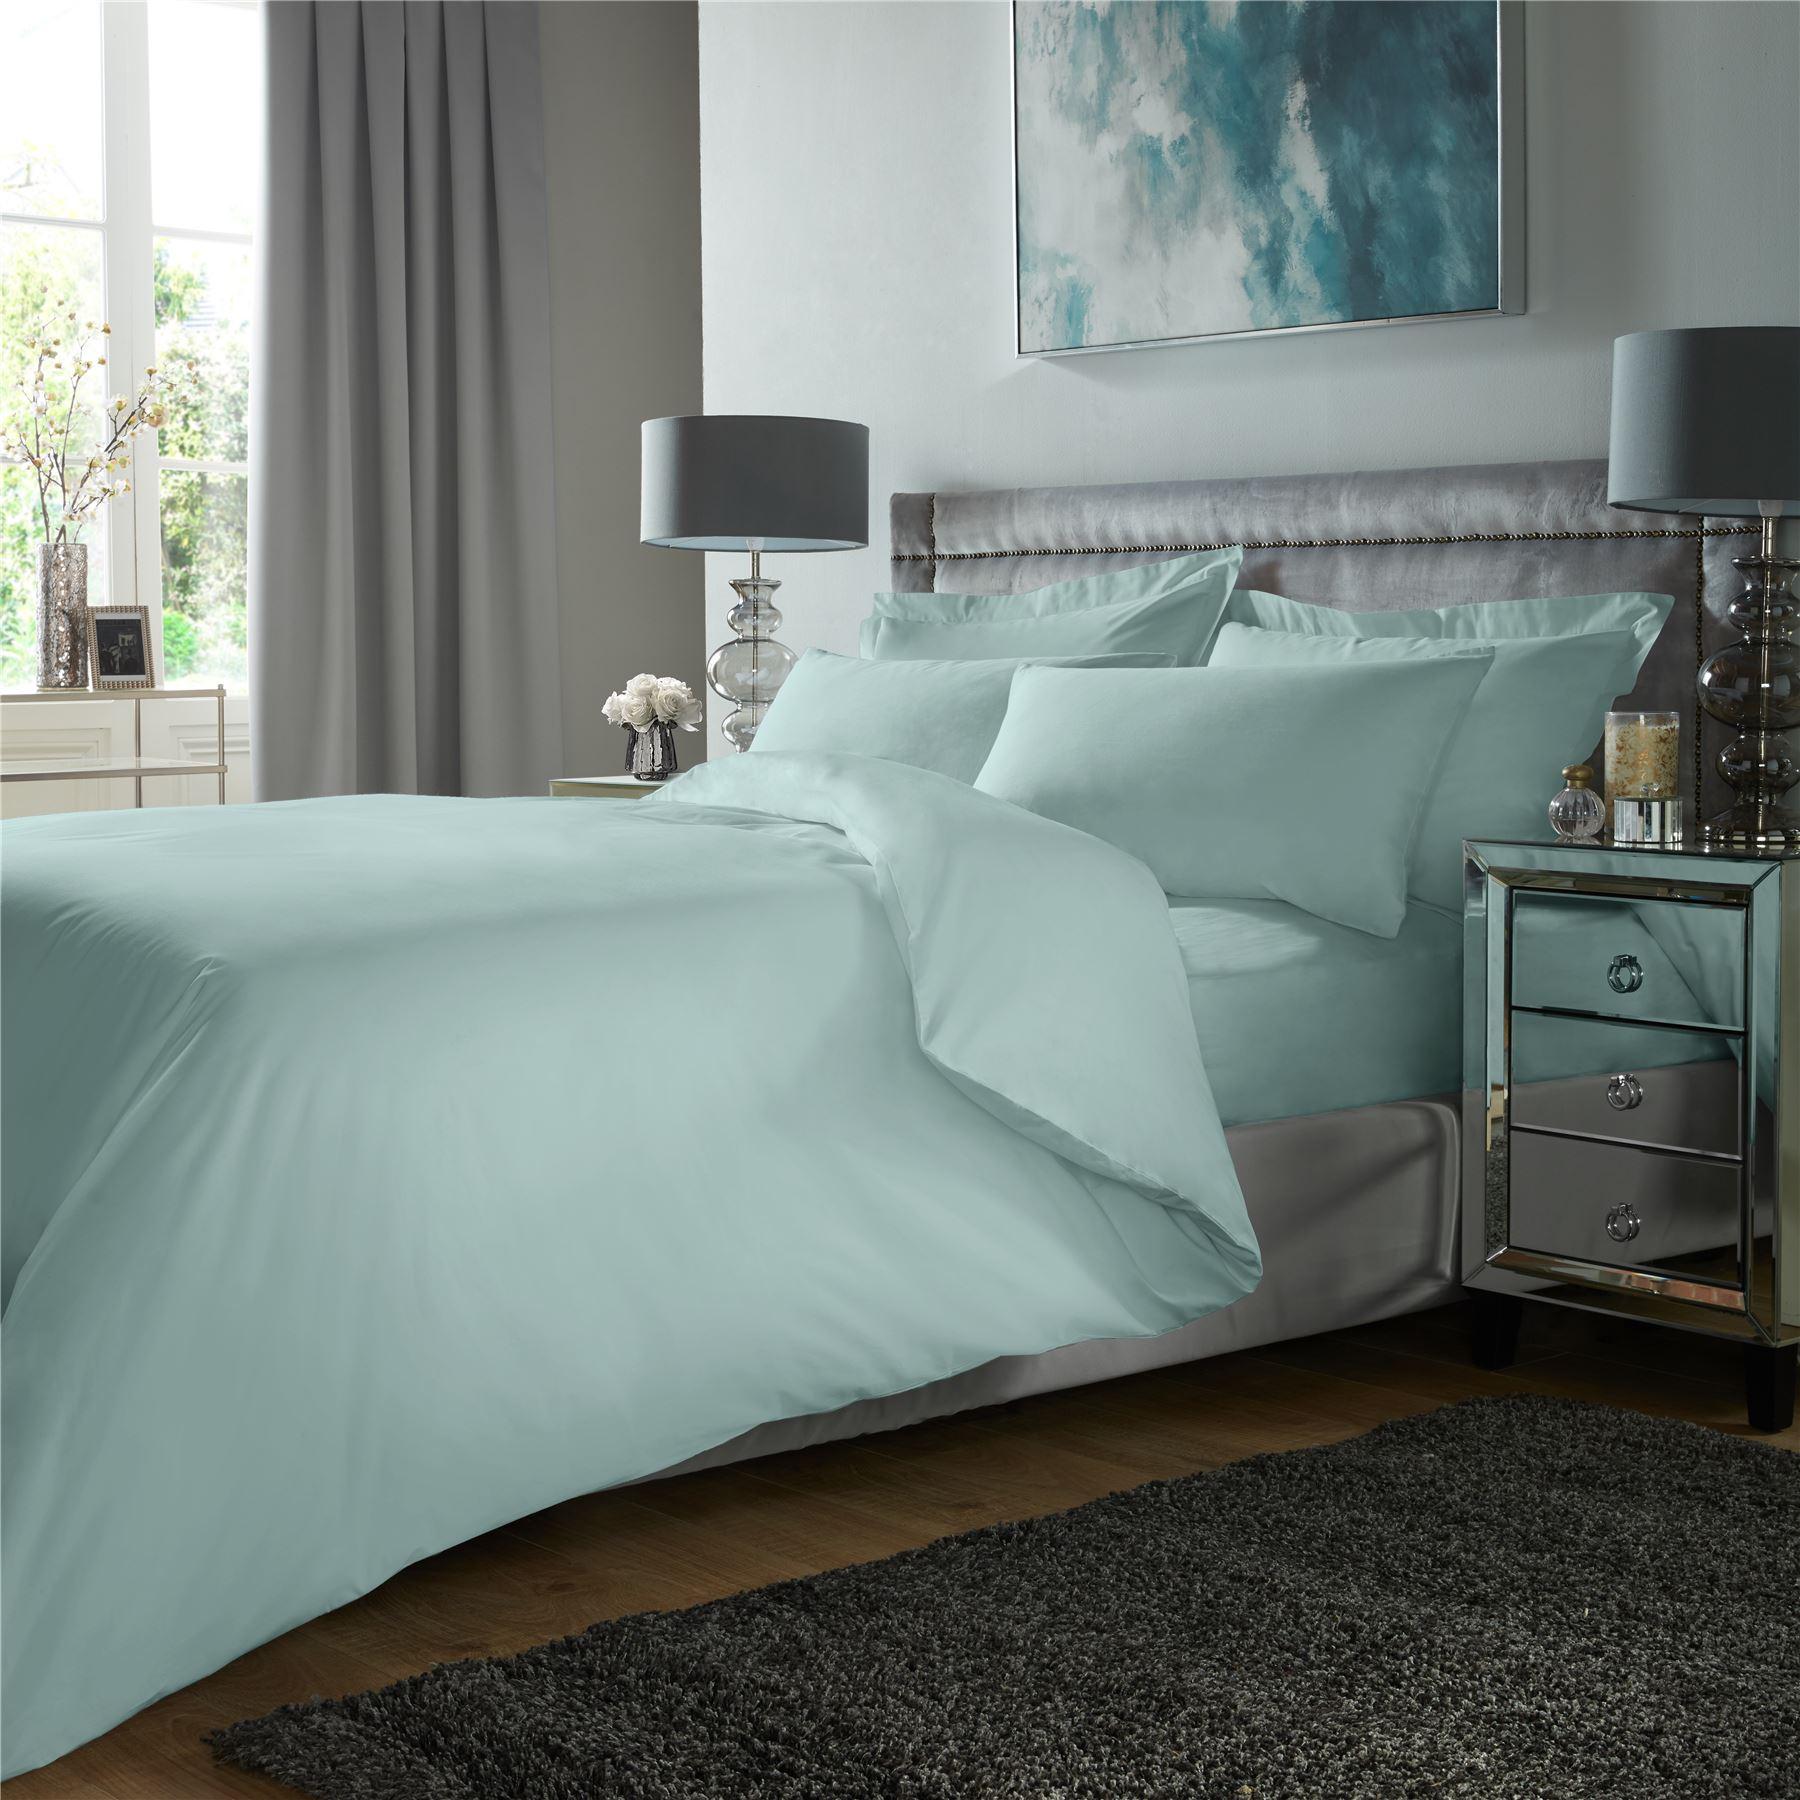 De-Lujo-400TC-conjunto-de-funda-de-edredon-100-Algodon-Egipcio-ropa-de-cama-funda-de-almohada-tenida miniatura 8